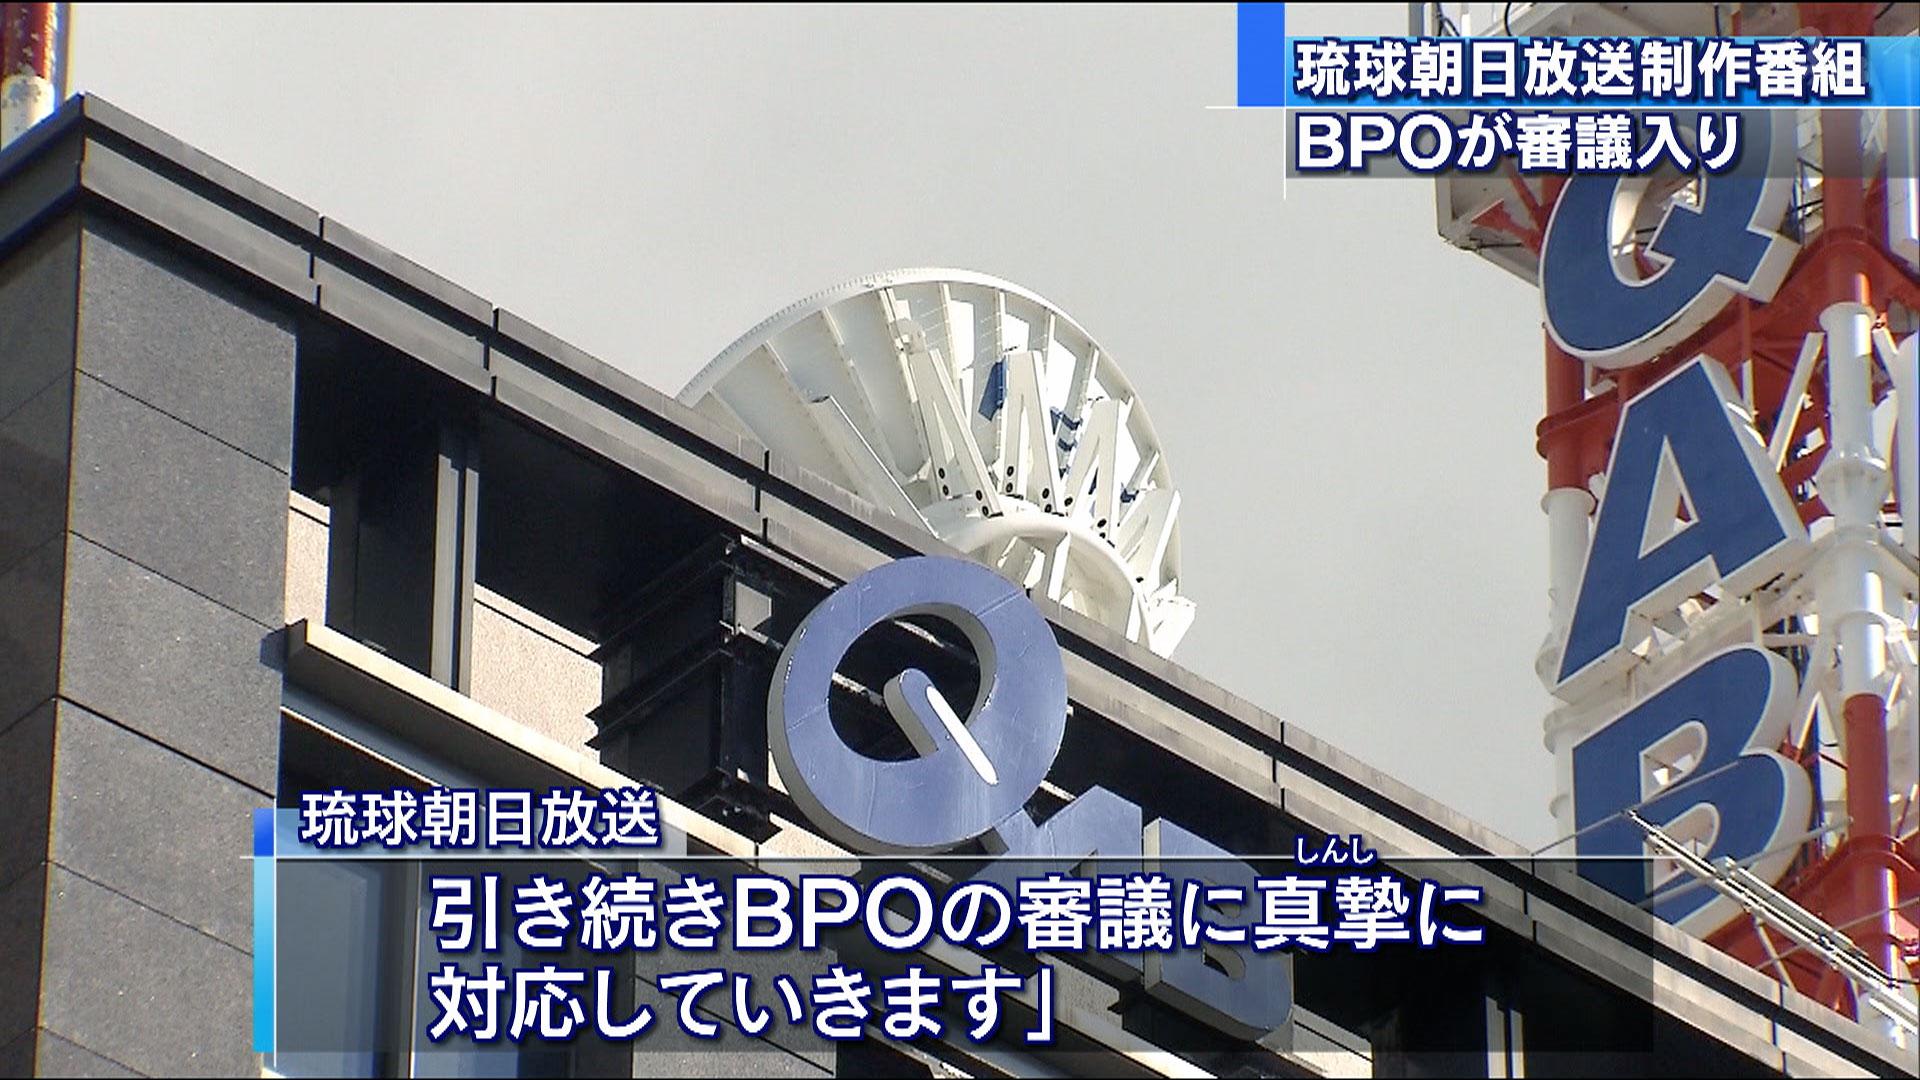 QAB制作「セブン特番」 BPO審議入り